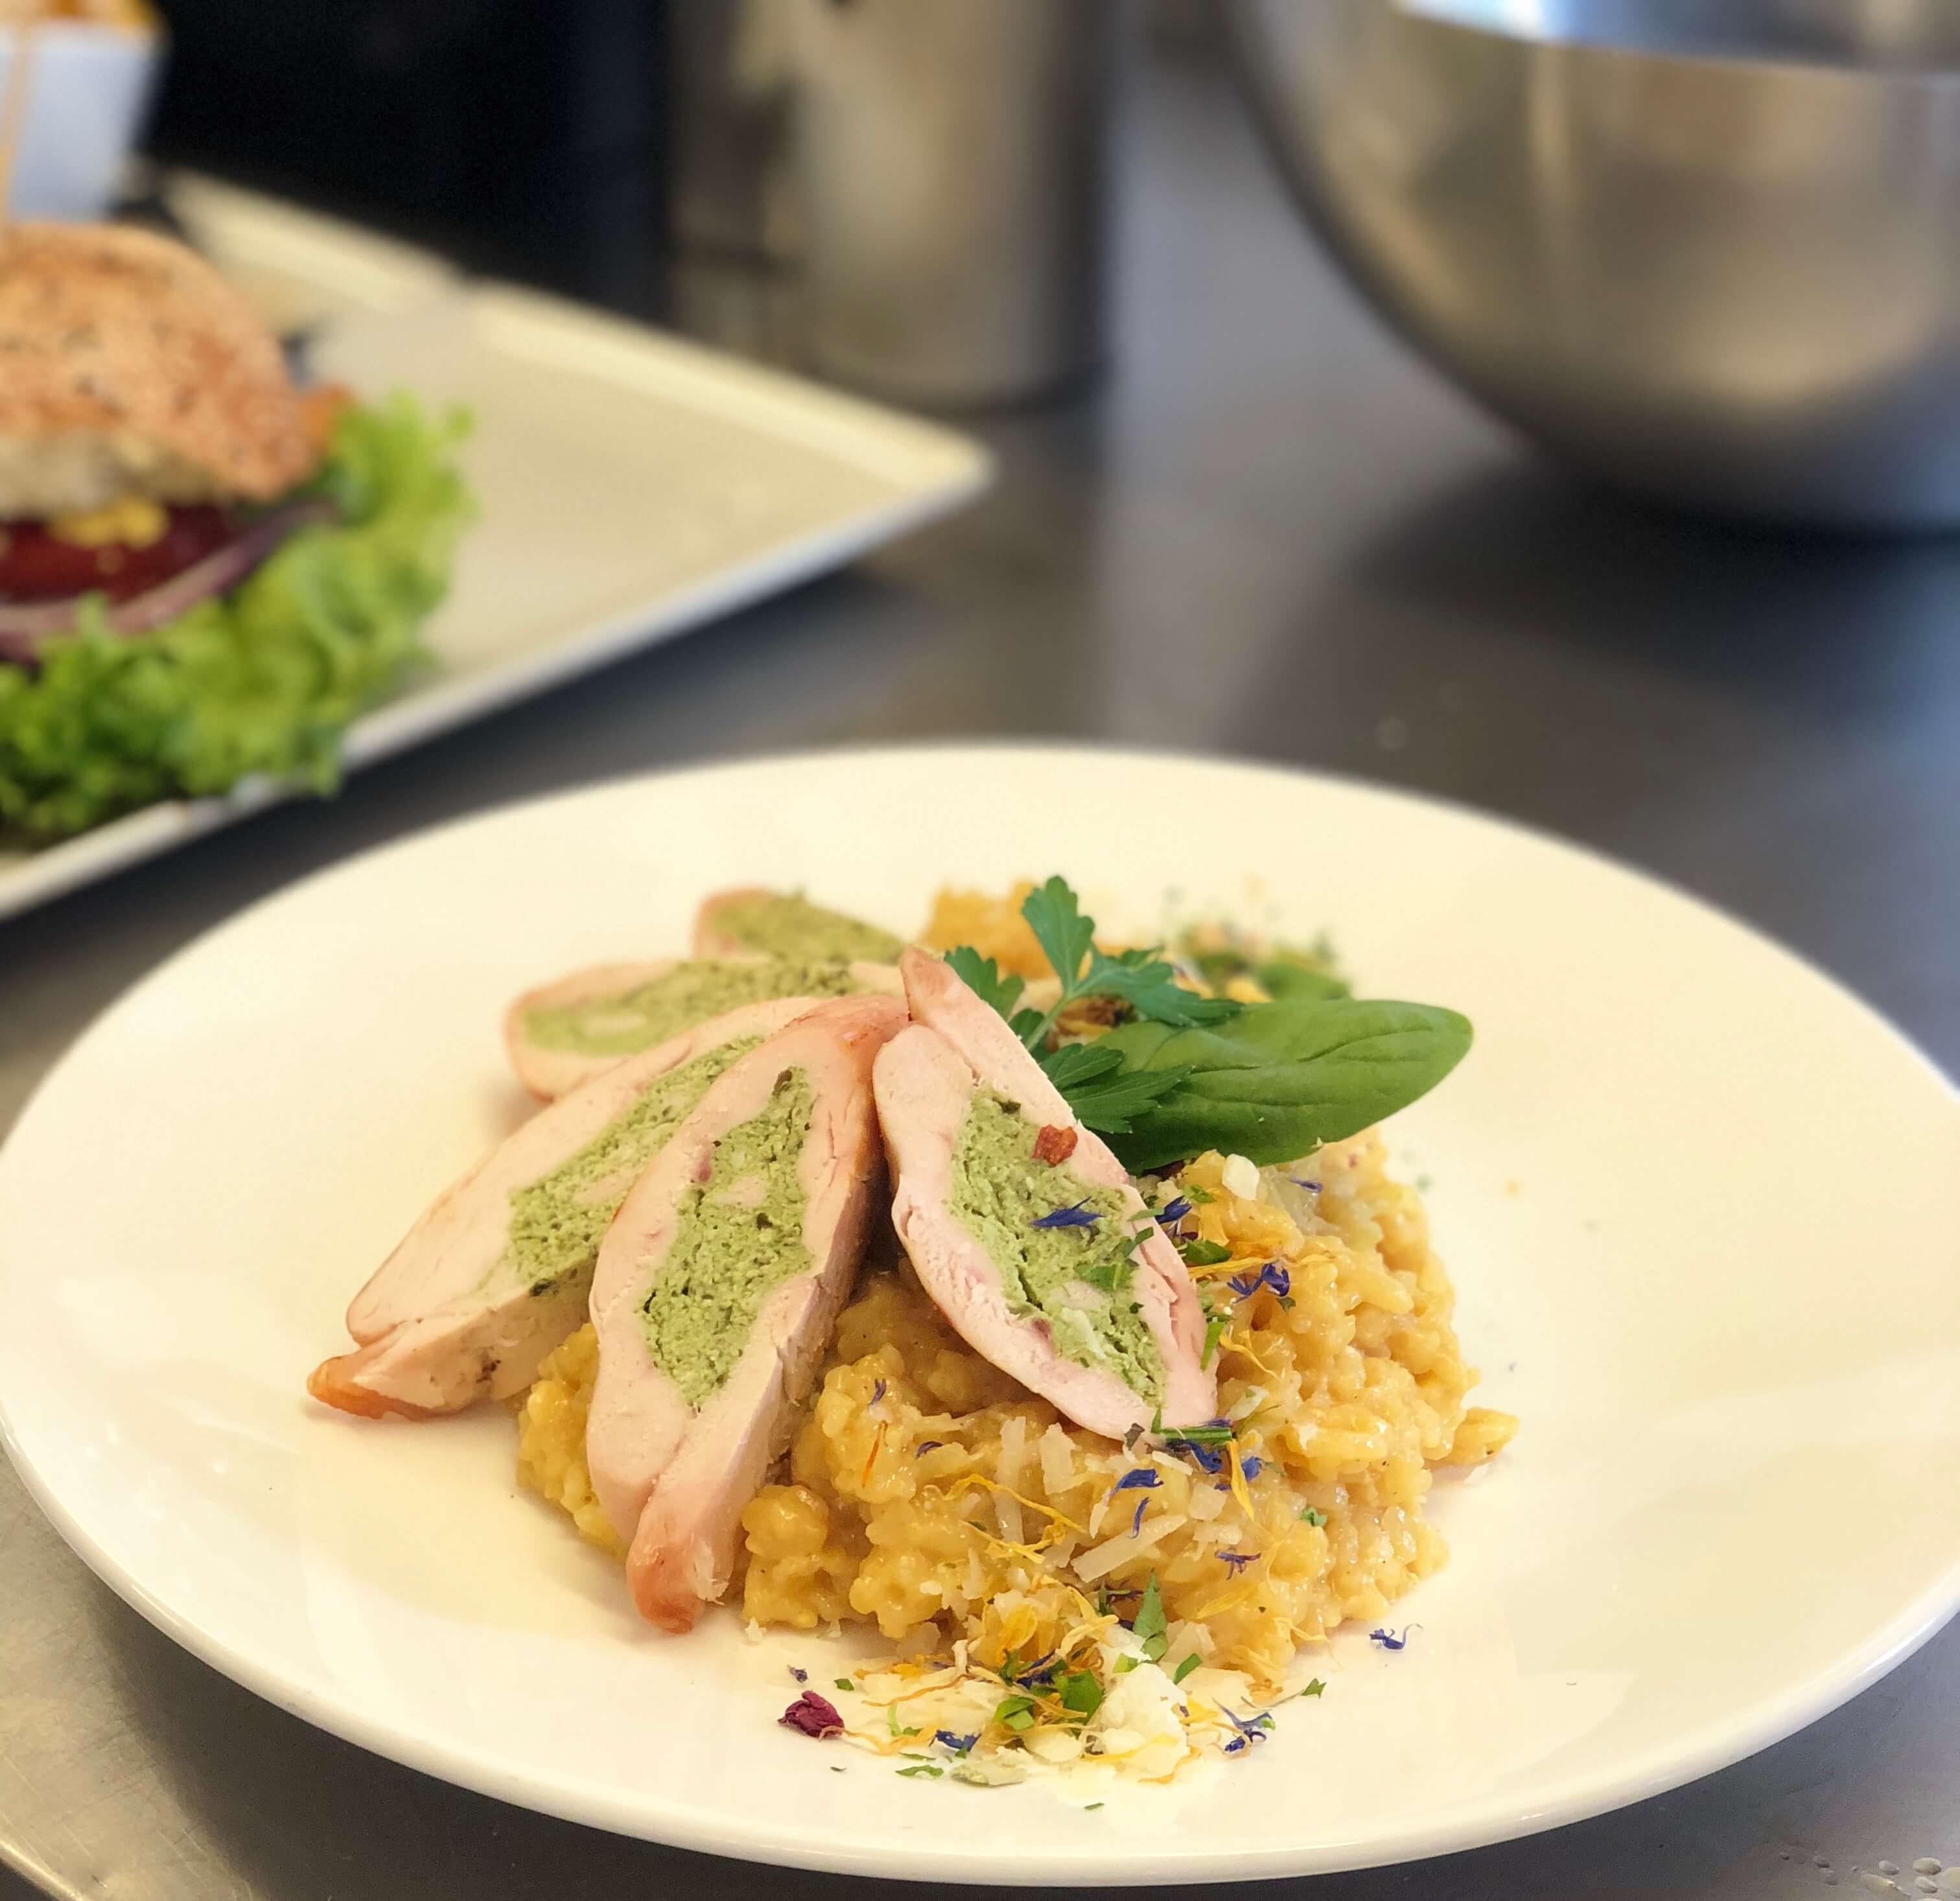 Ein Gericht von unserer Wochenkarte: Hühnchenbrust gefüllt mir Farce (Spinat). Dazu gibt's Risotto Milaneser Art